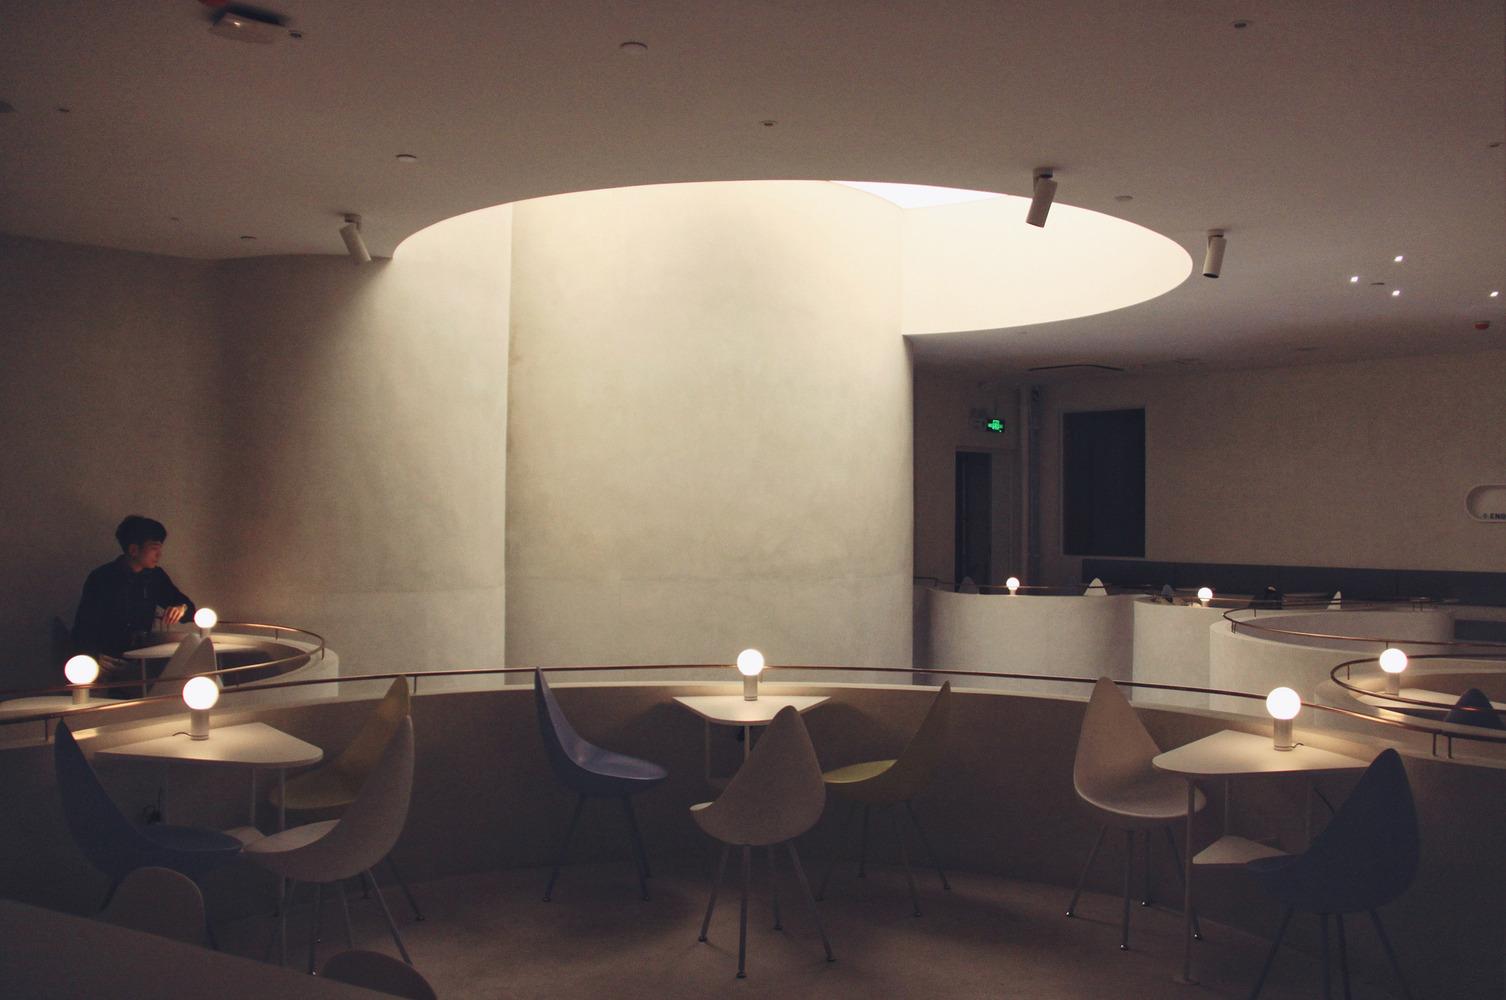 طراحی کافی شاپ برای آزاد سازی فکر و تخیل - S.Engine Fengshengli Cafe 15 1